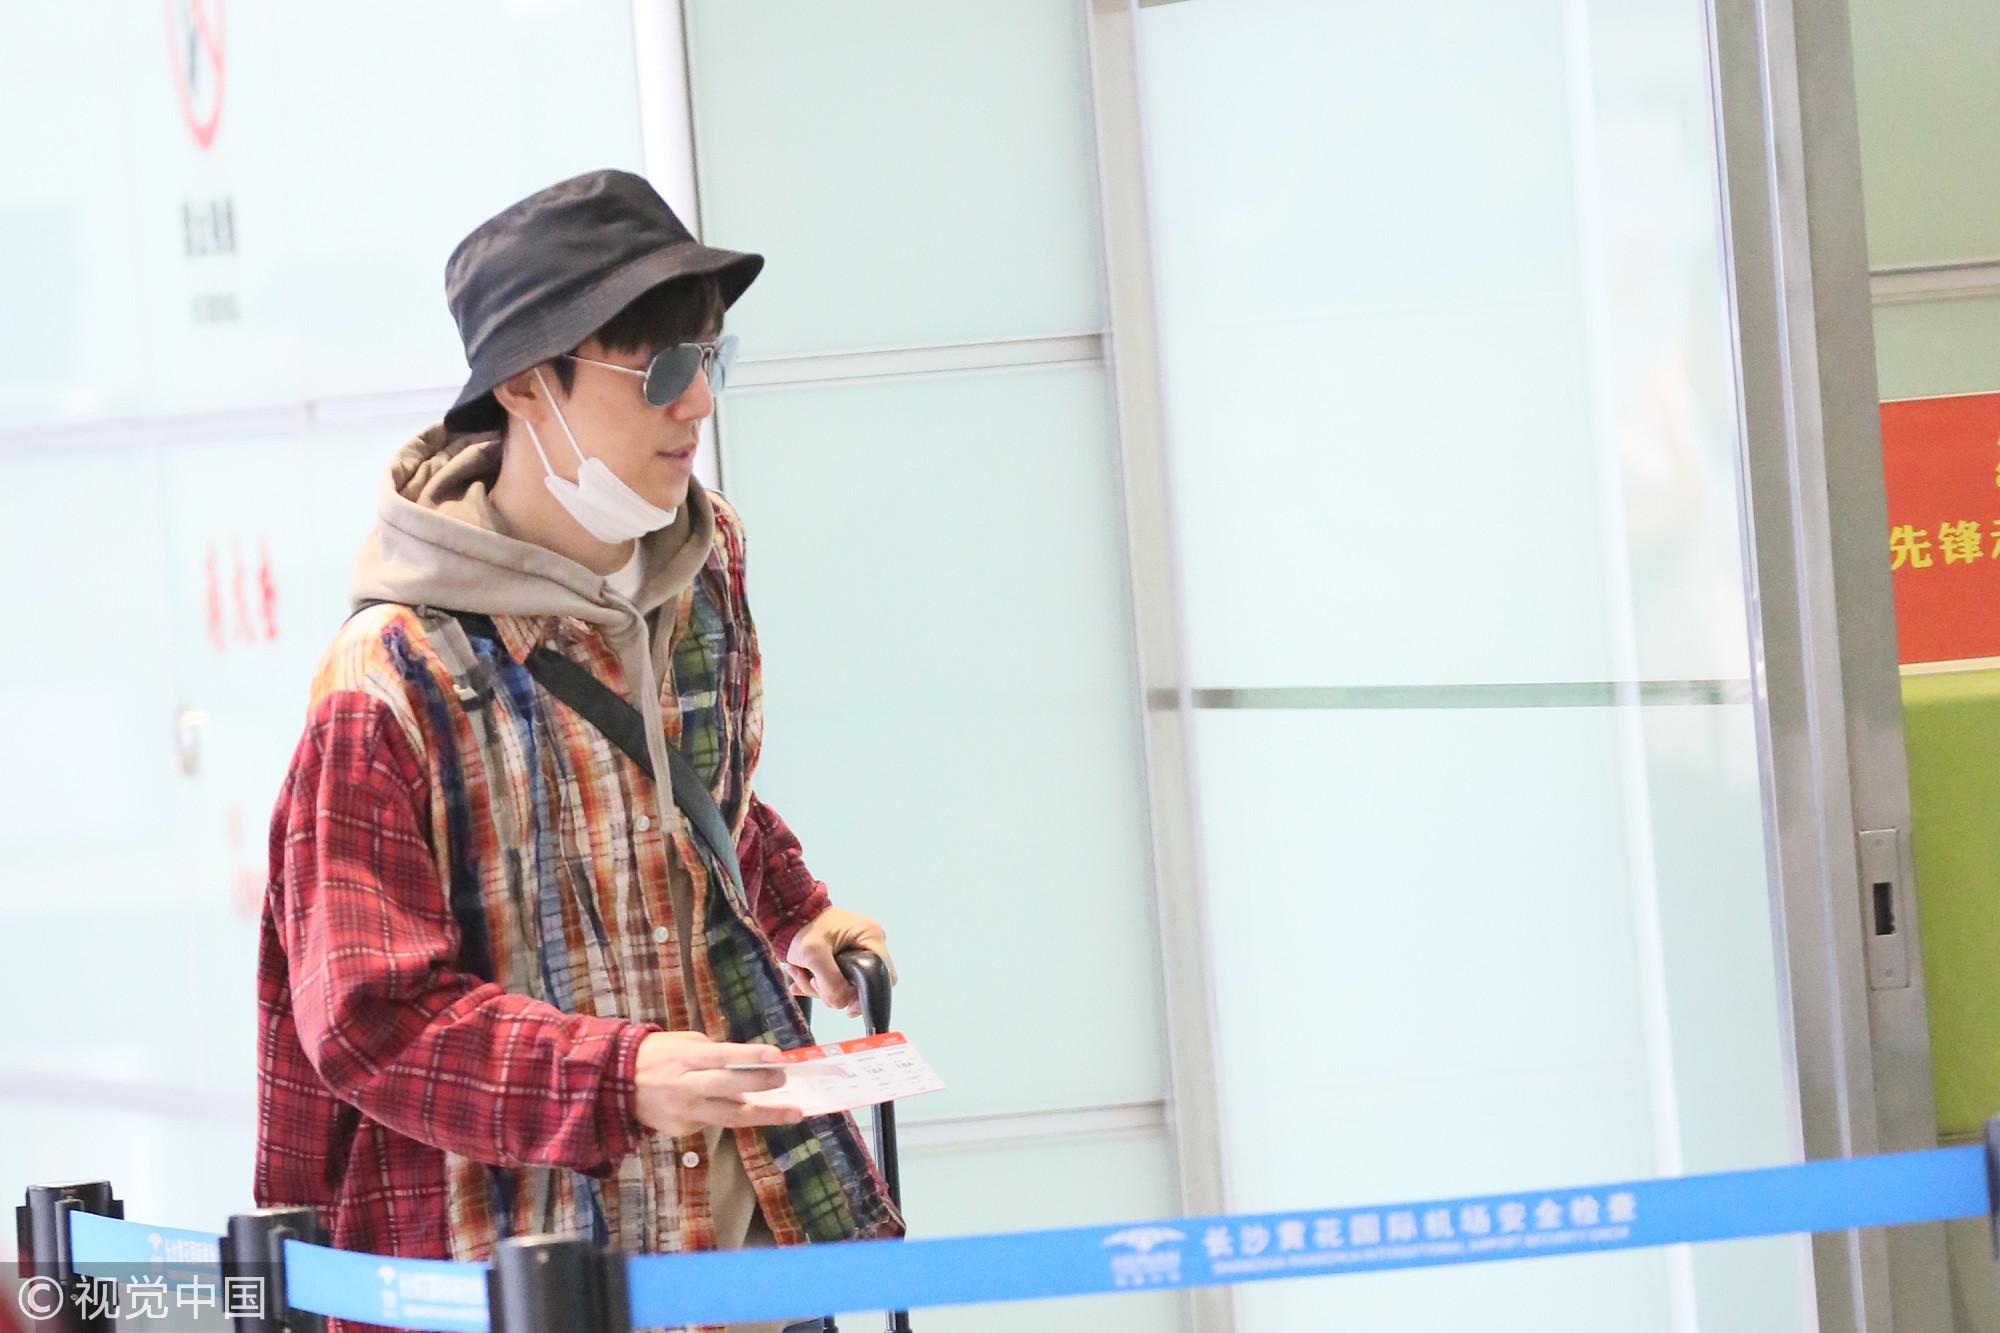 44岁何炅全副武装自拉行李低调现身 来回长沙不换衣显节俭